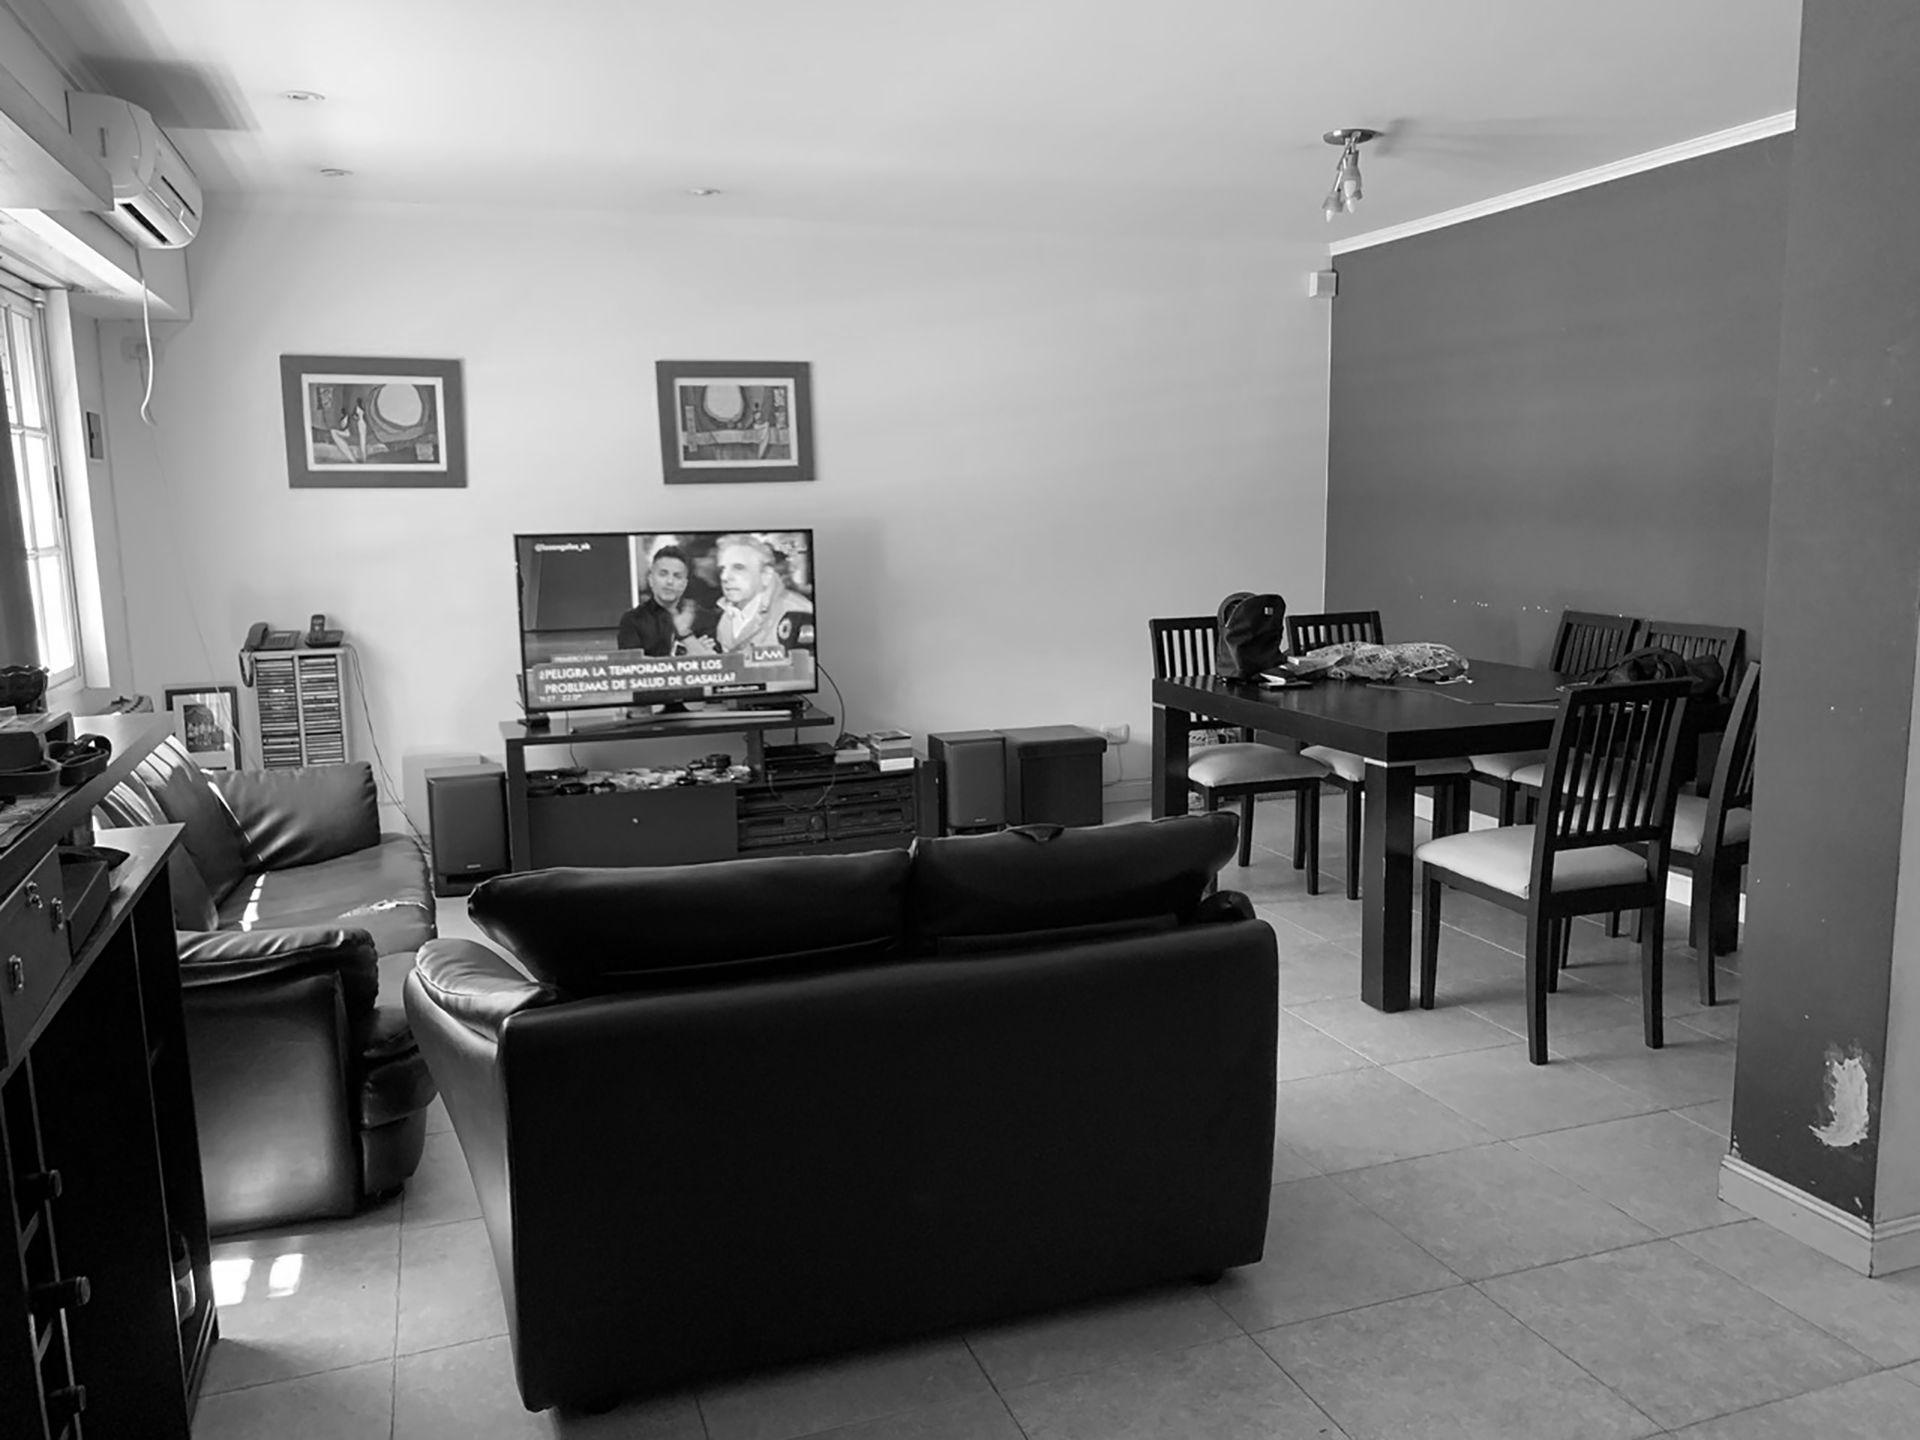 El living tenía muebles pesados y piso con baldosas.